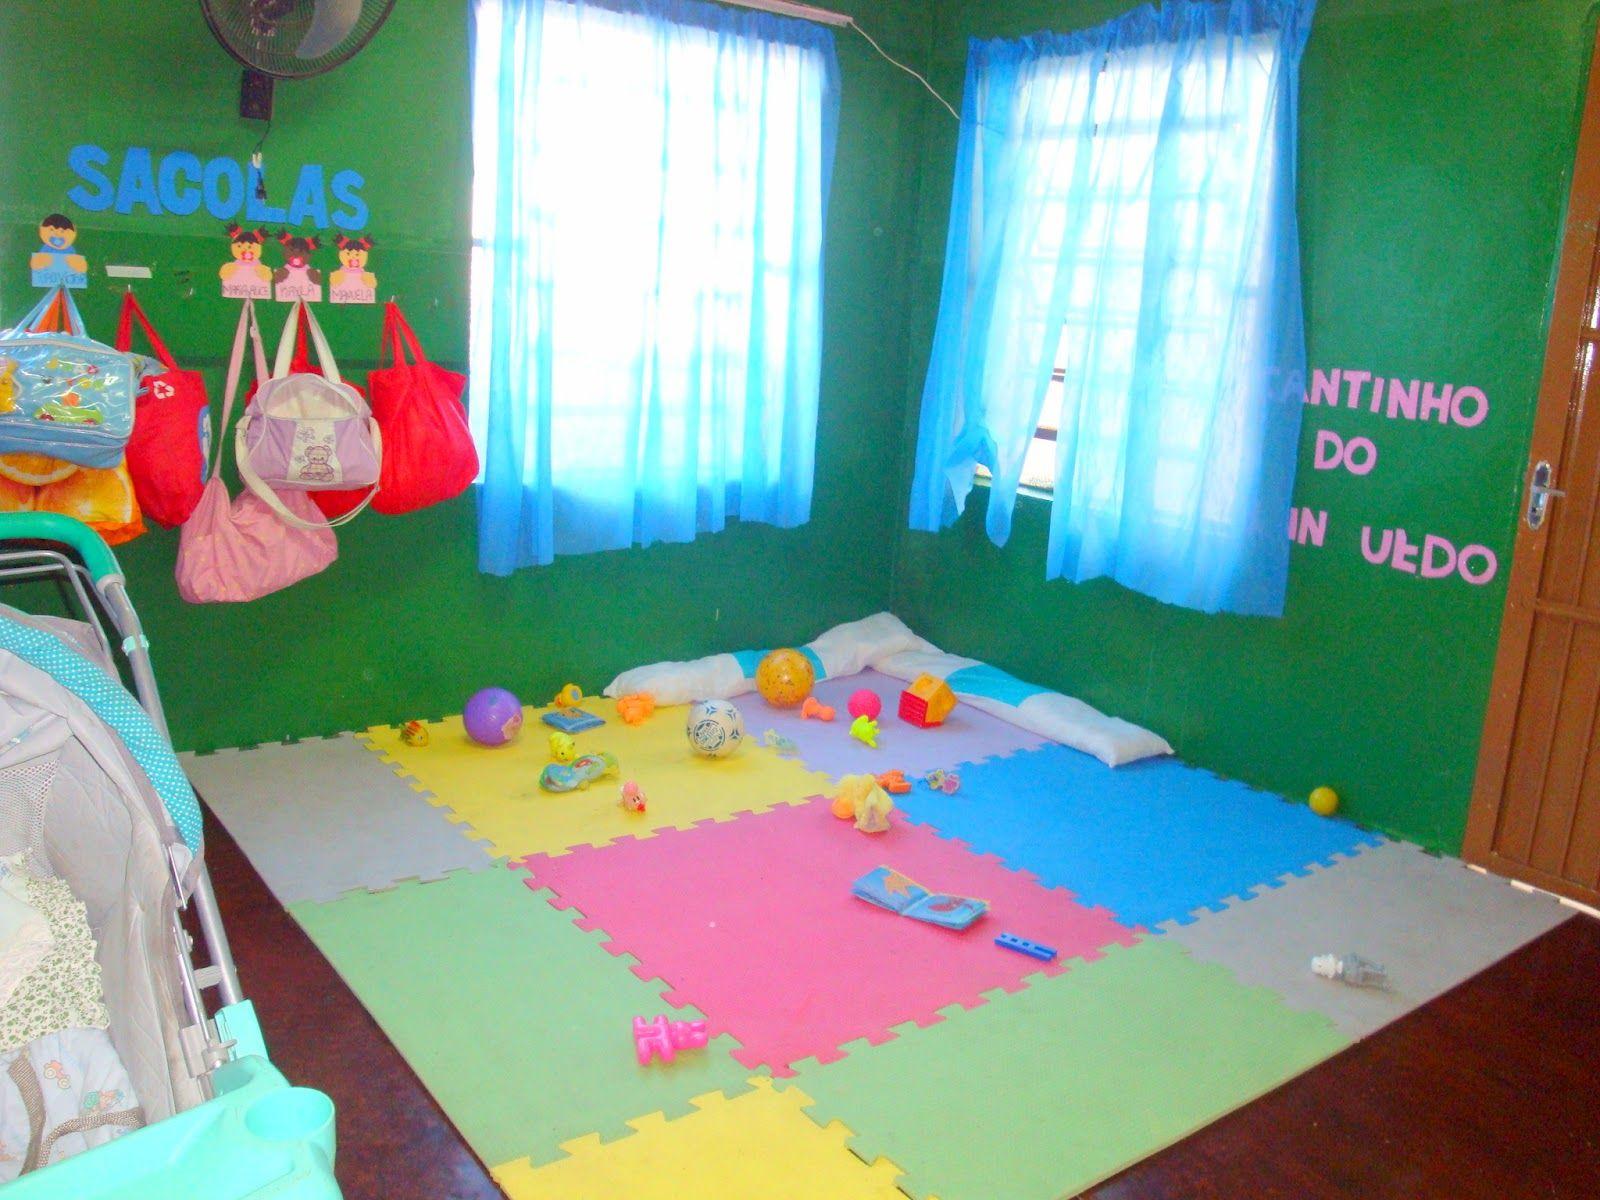 Cantinho Do Soninho Infantil Pesquisa Google Artes Pinterest  -> Modelo De Painel Com Animais Facil De Fazer Em Eva Para Enfeitar Sala De Becario